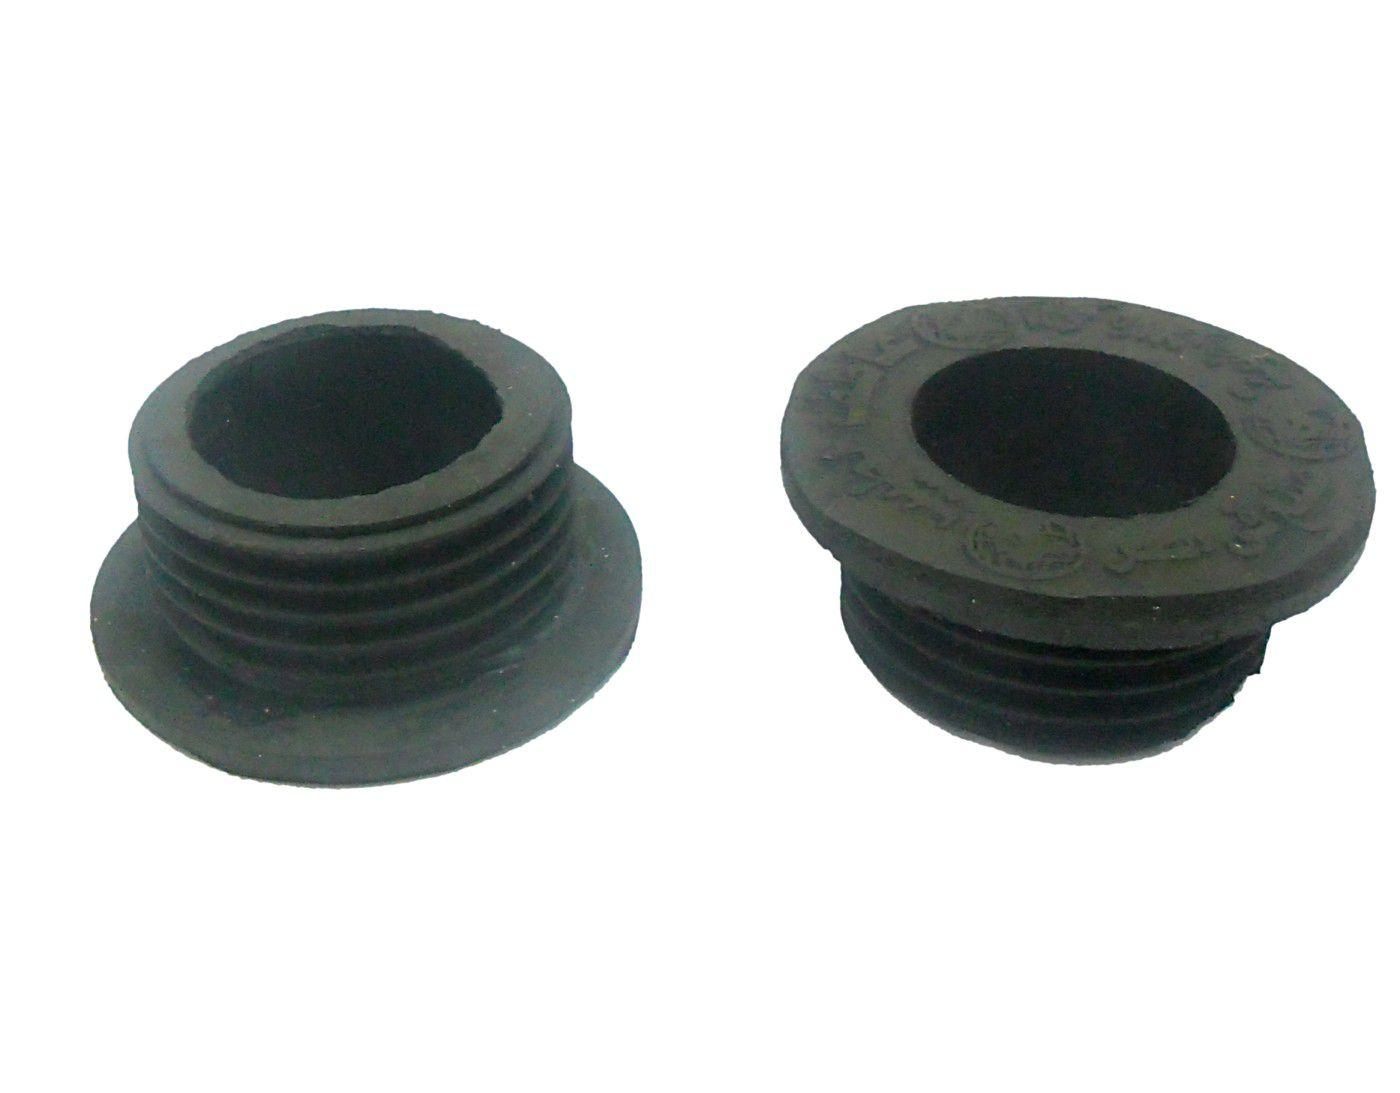 Borracha / Vedação para vasos GG em latéx preta. 2,7cm altura. Diâmetros: 4,8cm ext.X 3,5cm int